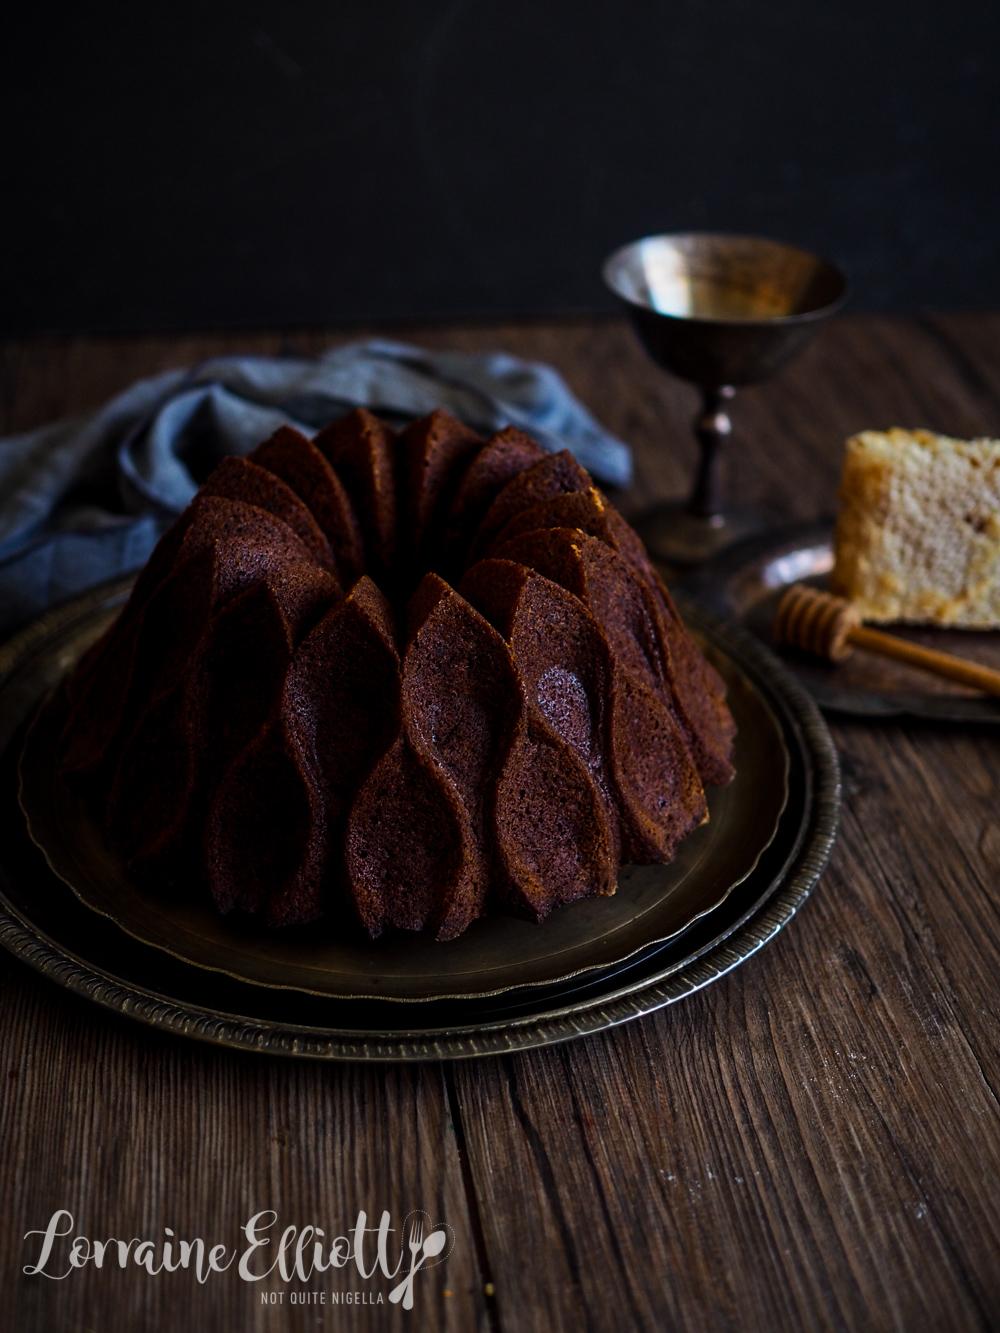 Lekach Jewish Honey Cake